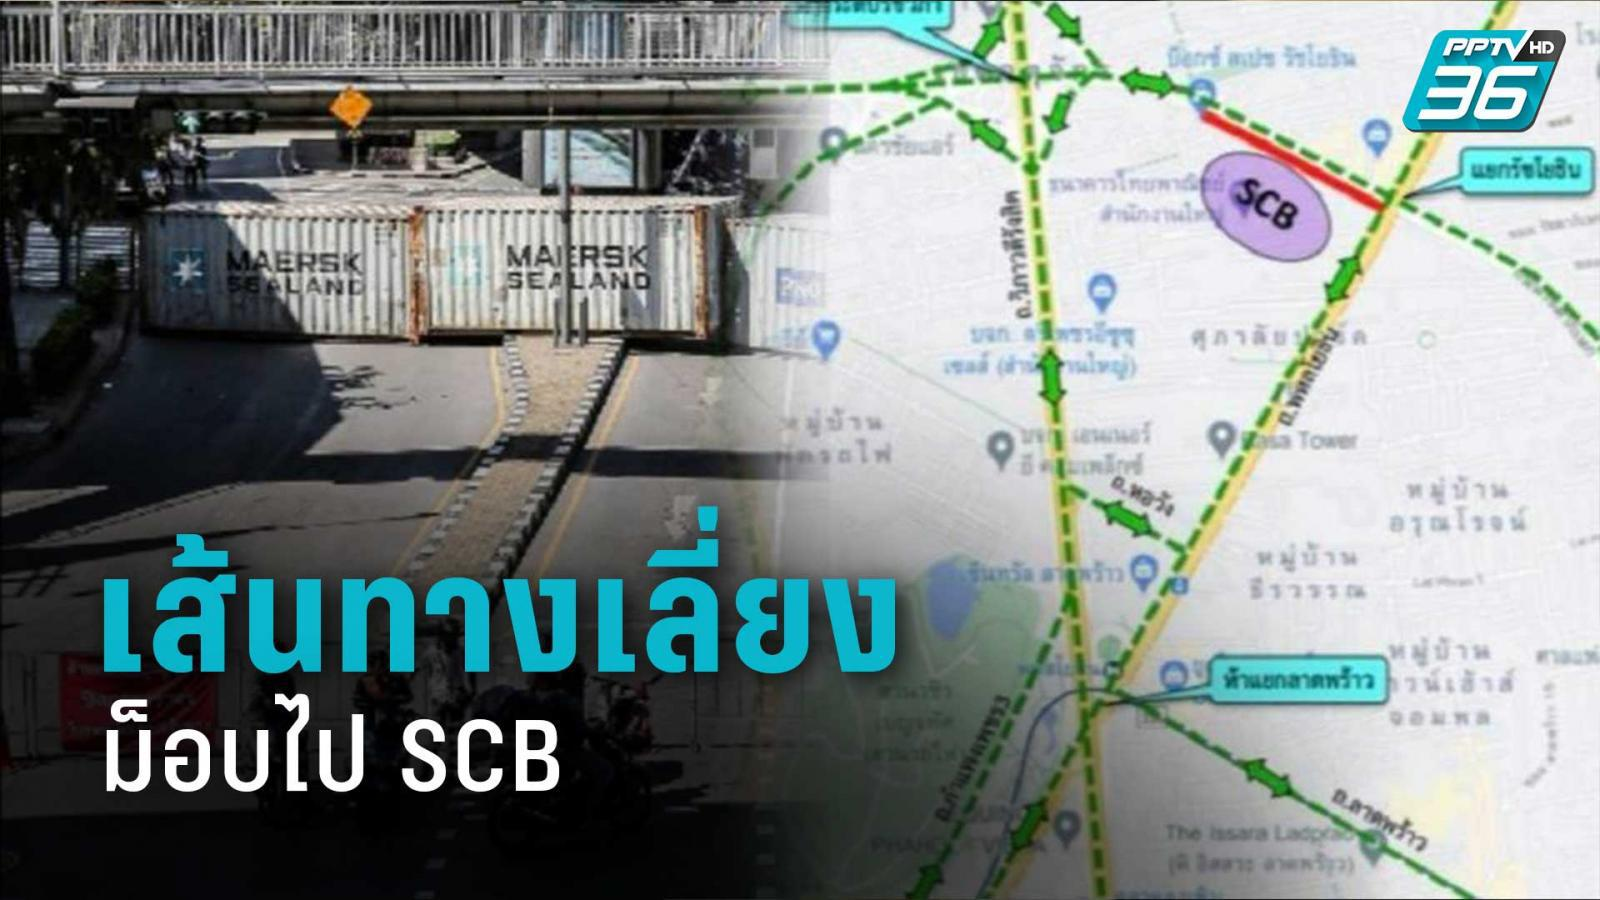 """เช็กด่วน! ตำรวจแจ้ง 3 เส้นทางหลัก ต้องเลี่ยง """"ม็อบ 25 พฤศจิกา"""" ไป SCB สำนักงานใหญ่"""